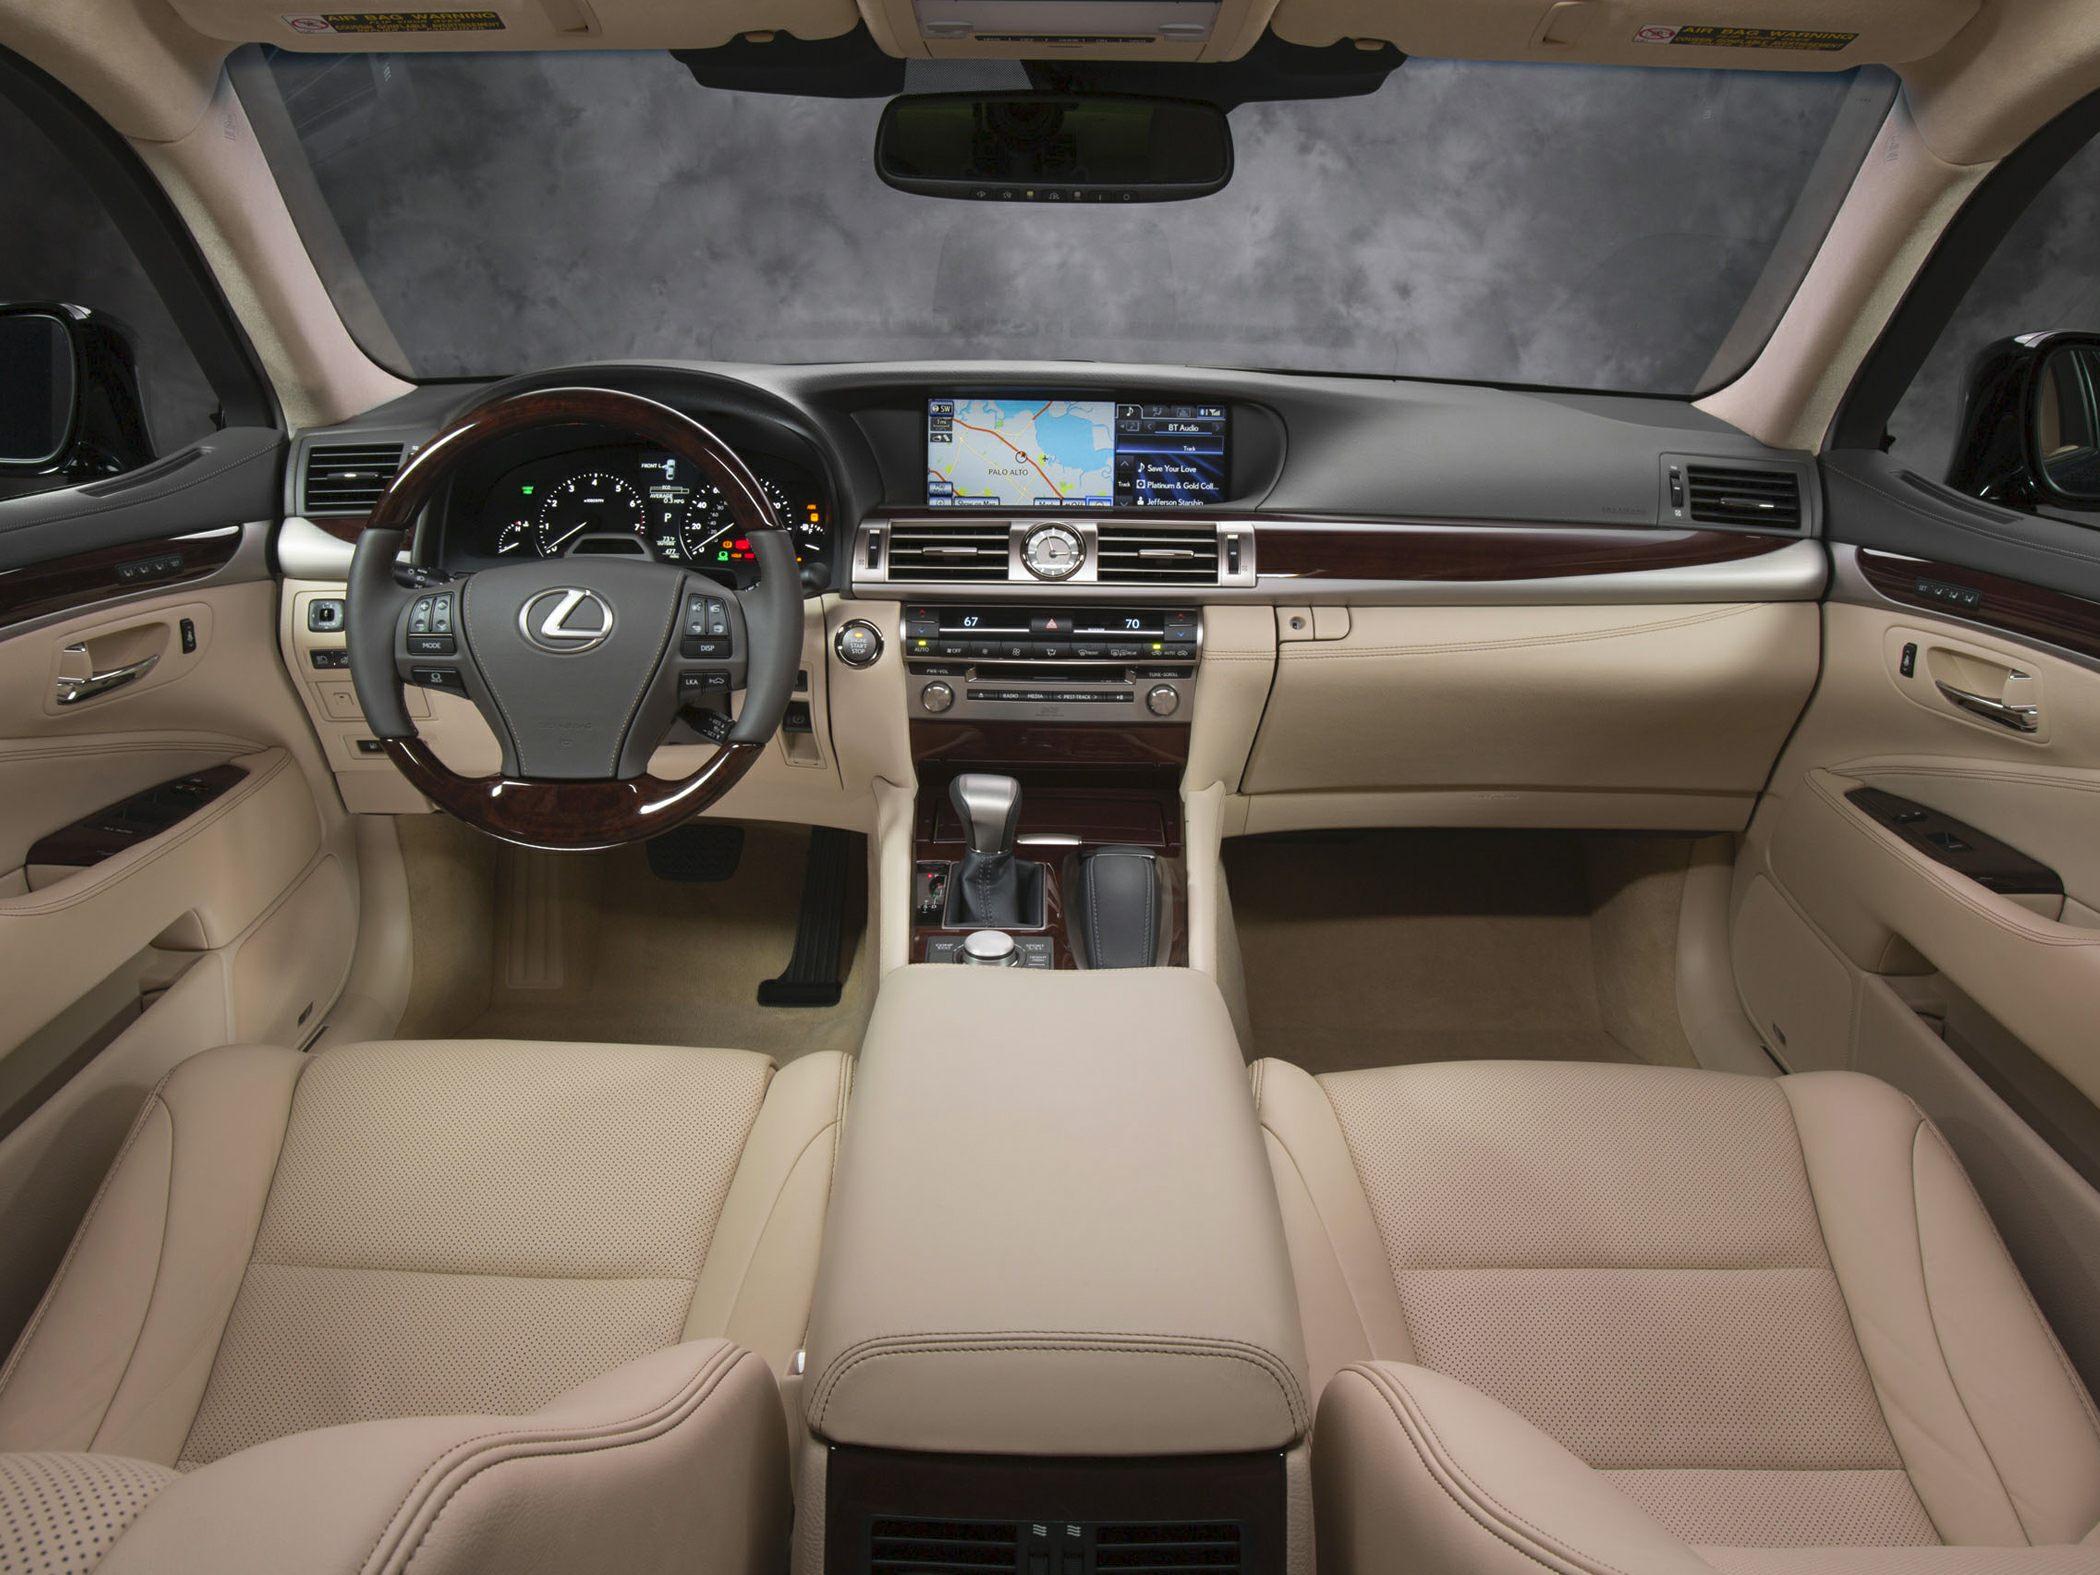 2017 Lexus LS 460 Base 4 Dr Sedan at Lexus of Lakeridge Toronto